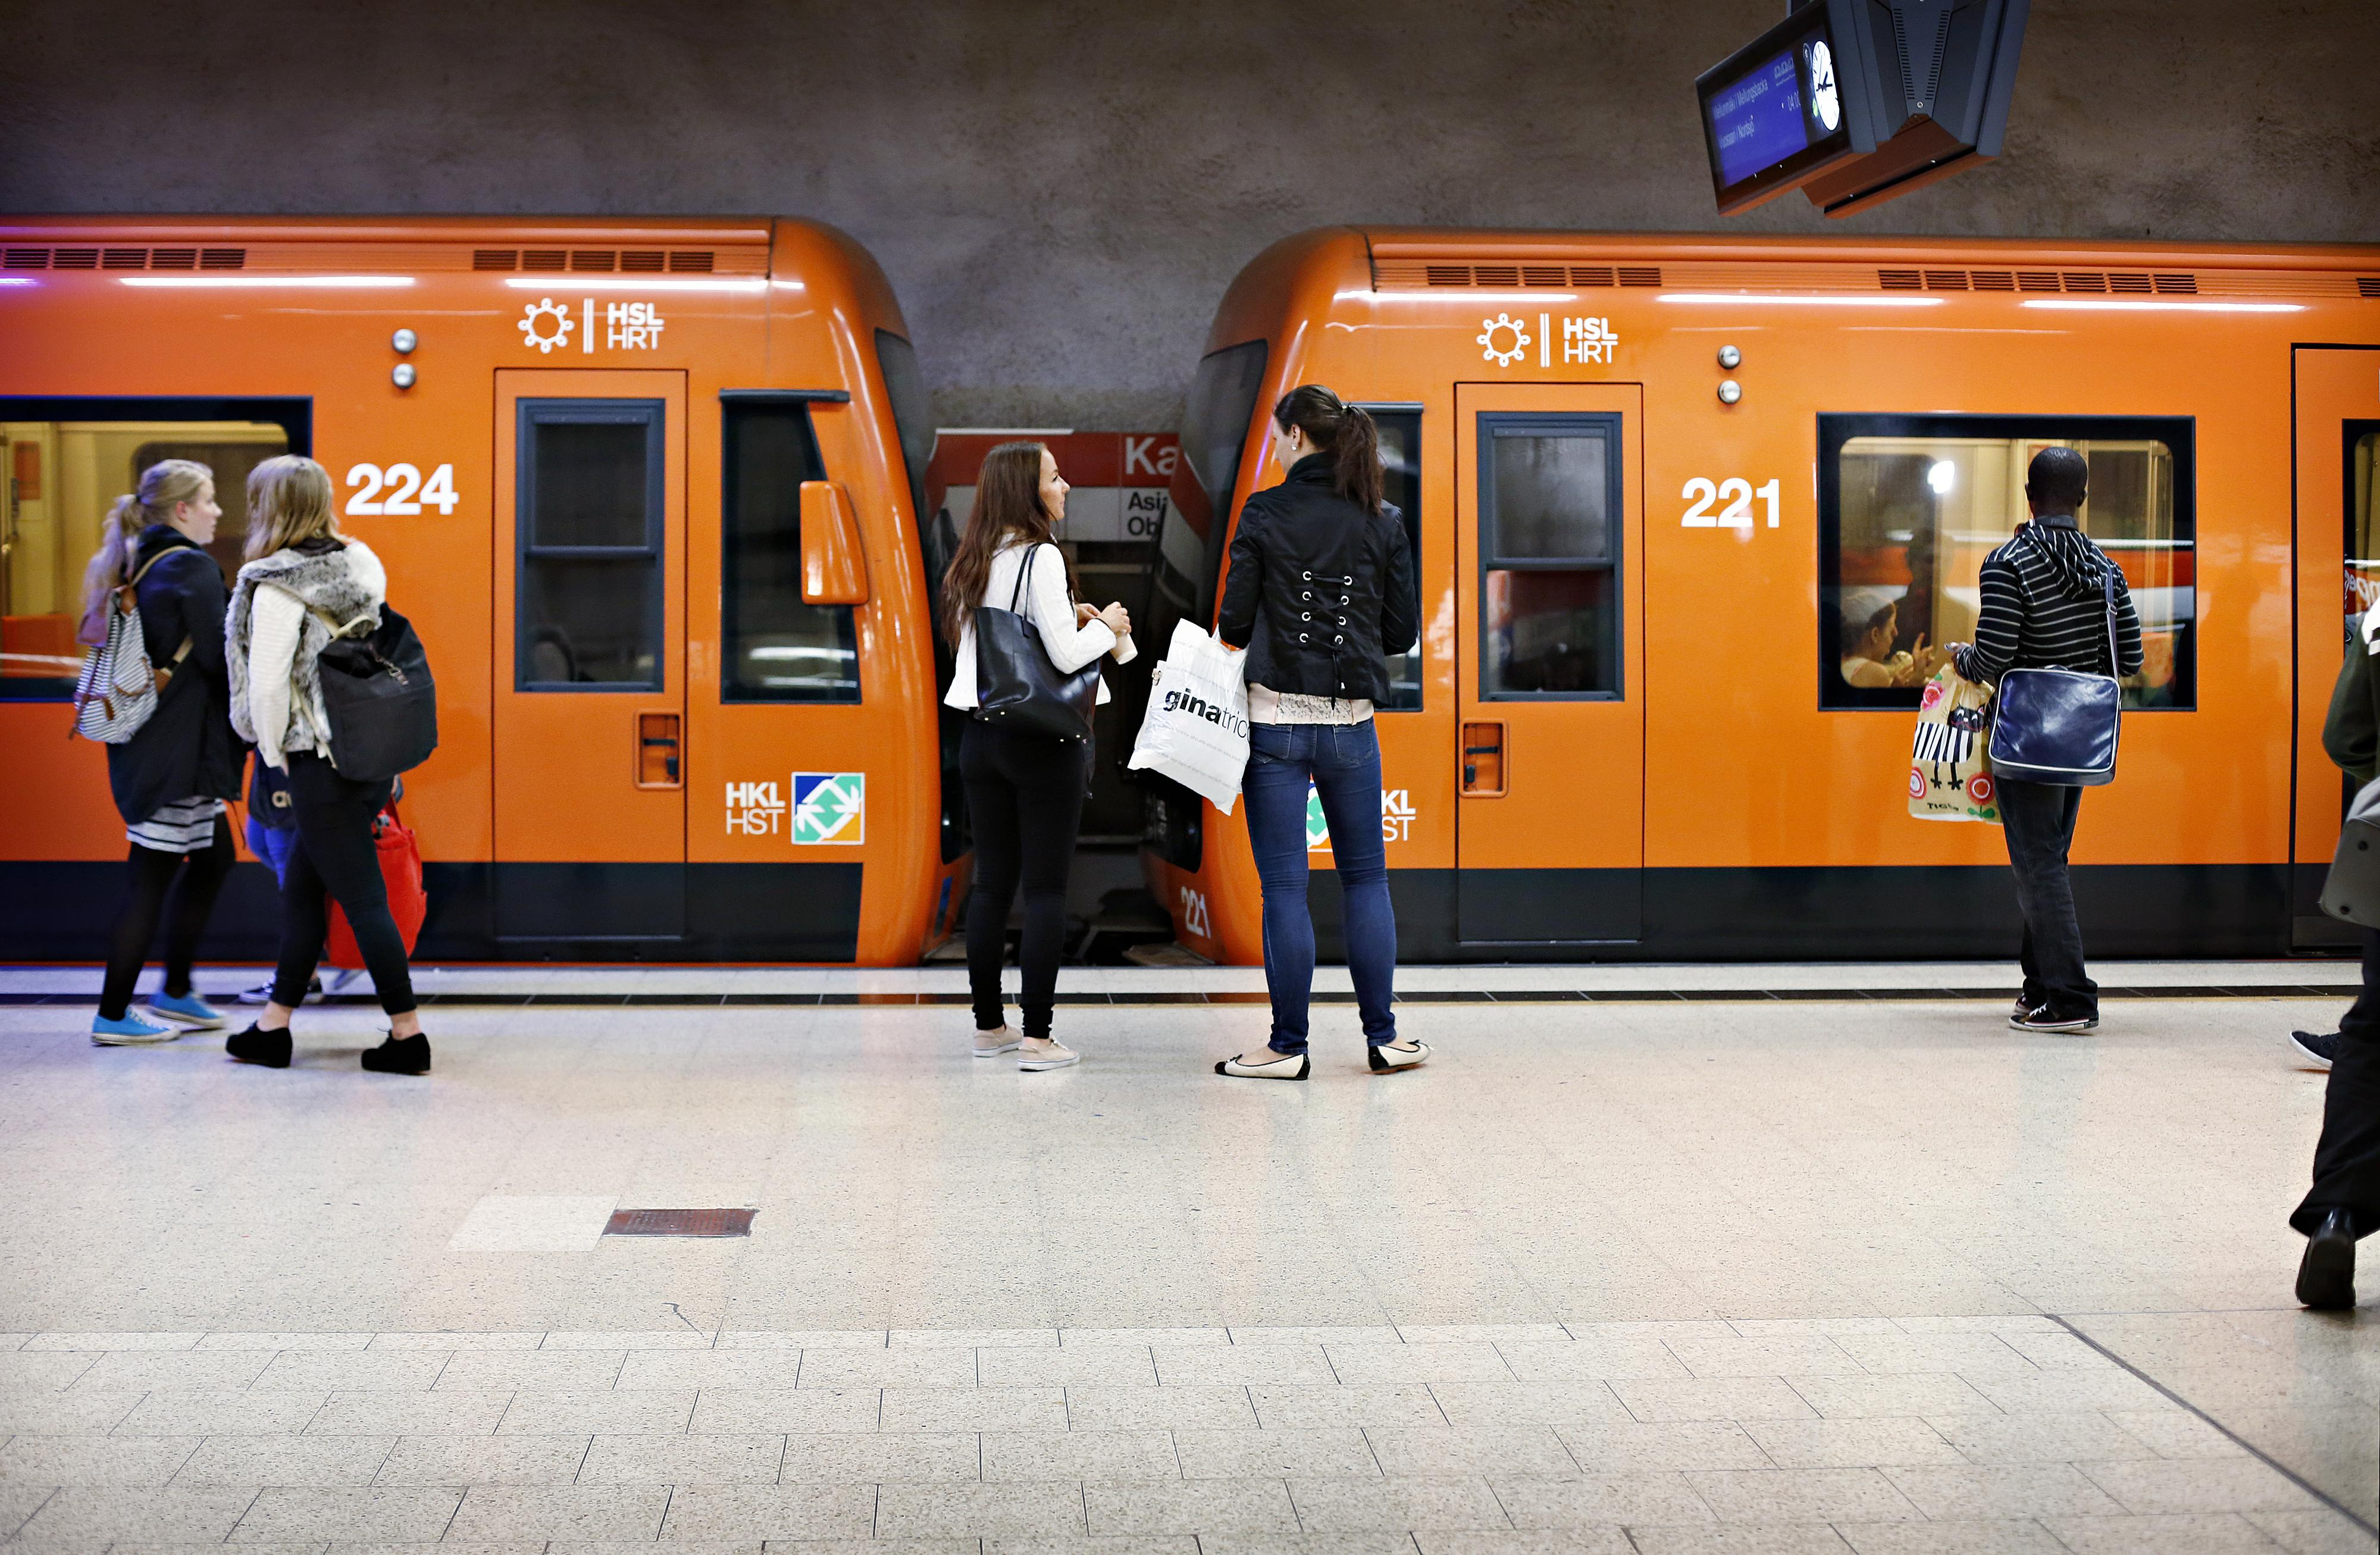 helsingin metrossa ihmiset odottavat junaa laiturilla